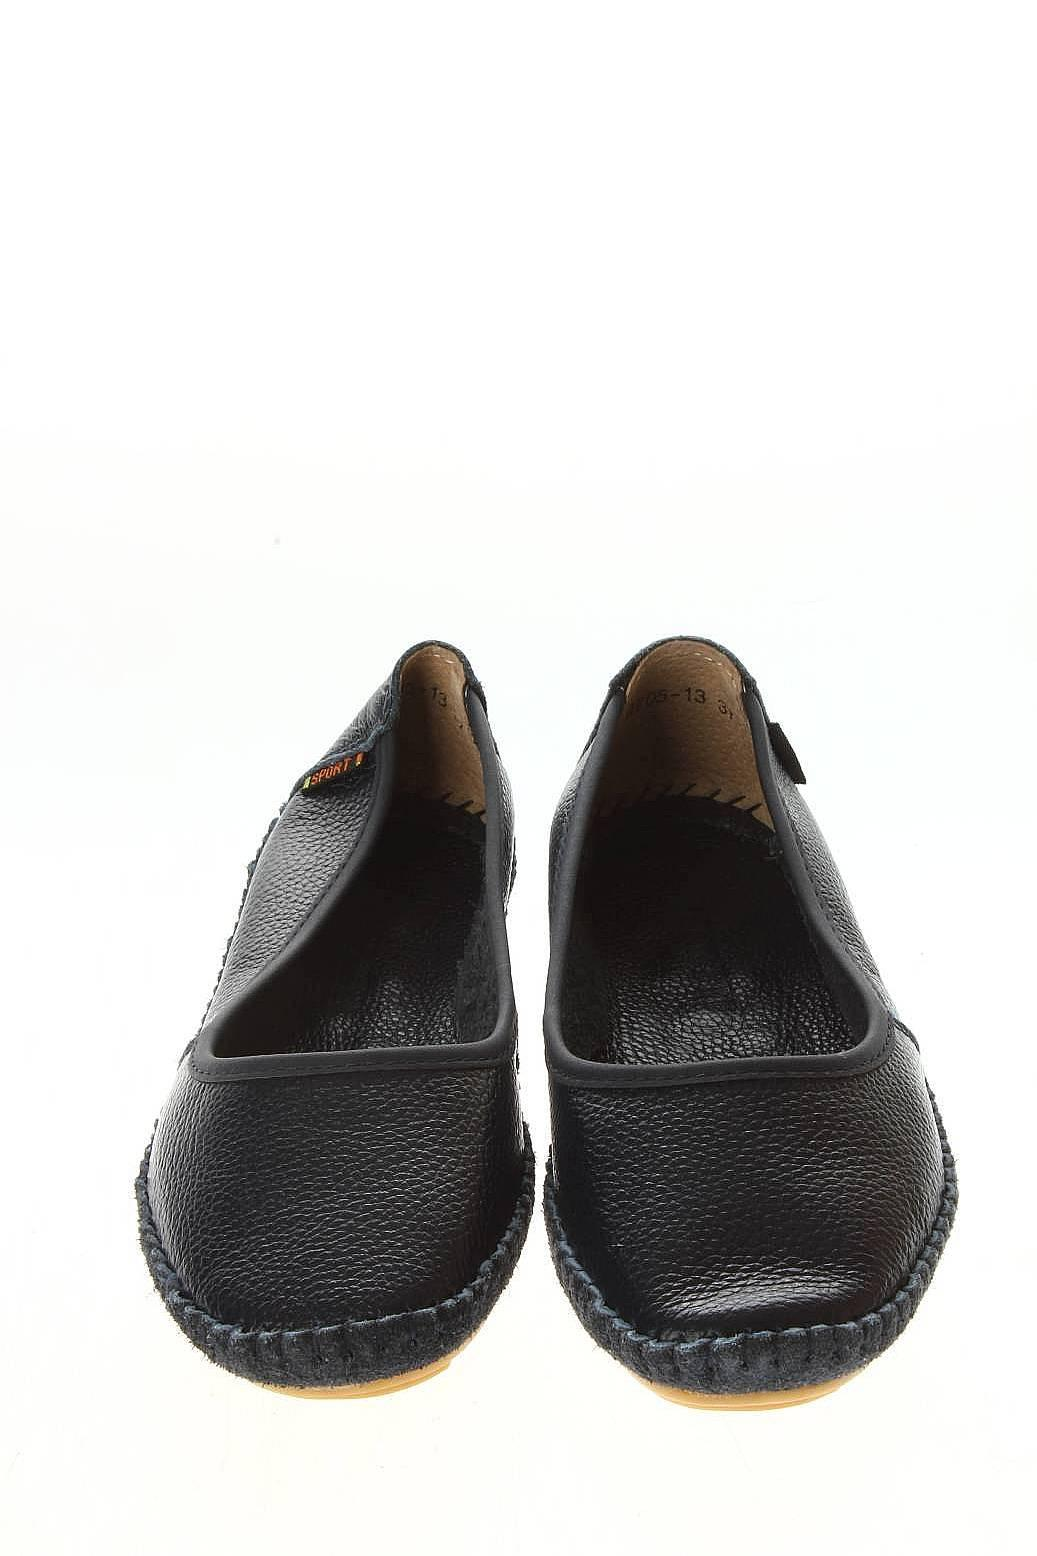 Мужская Обувь Детская Обувь Женская Обувь Балетки: Benetti Обувь